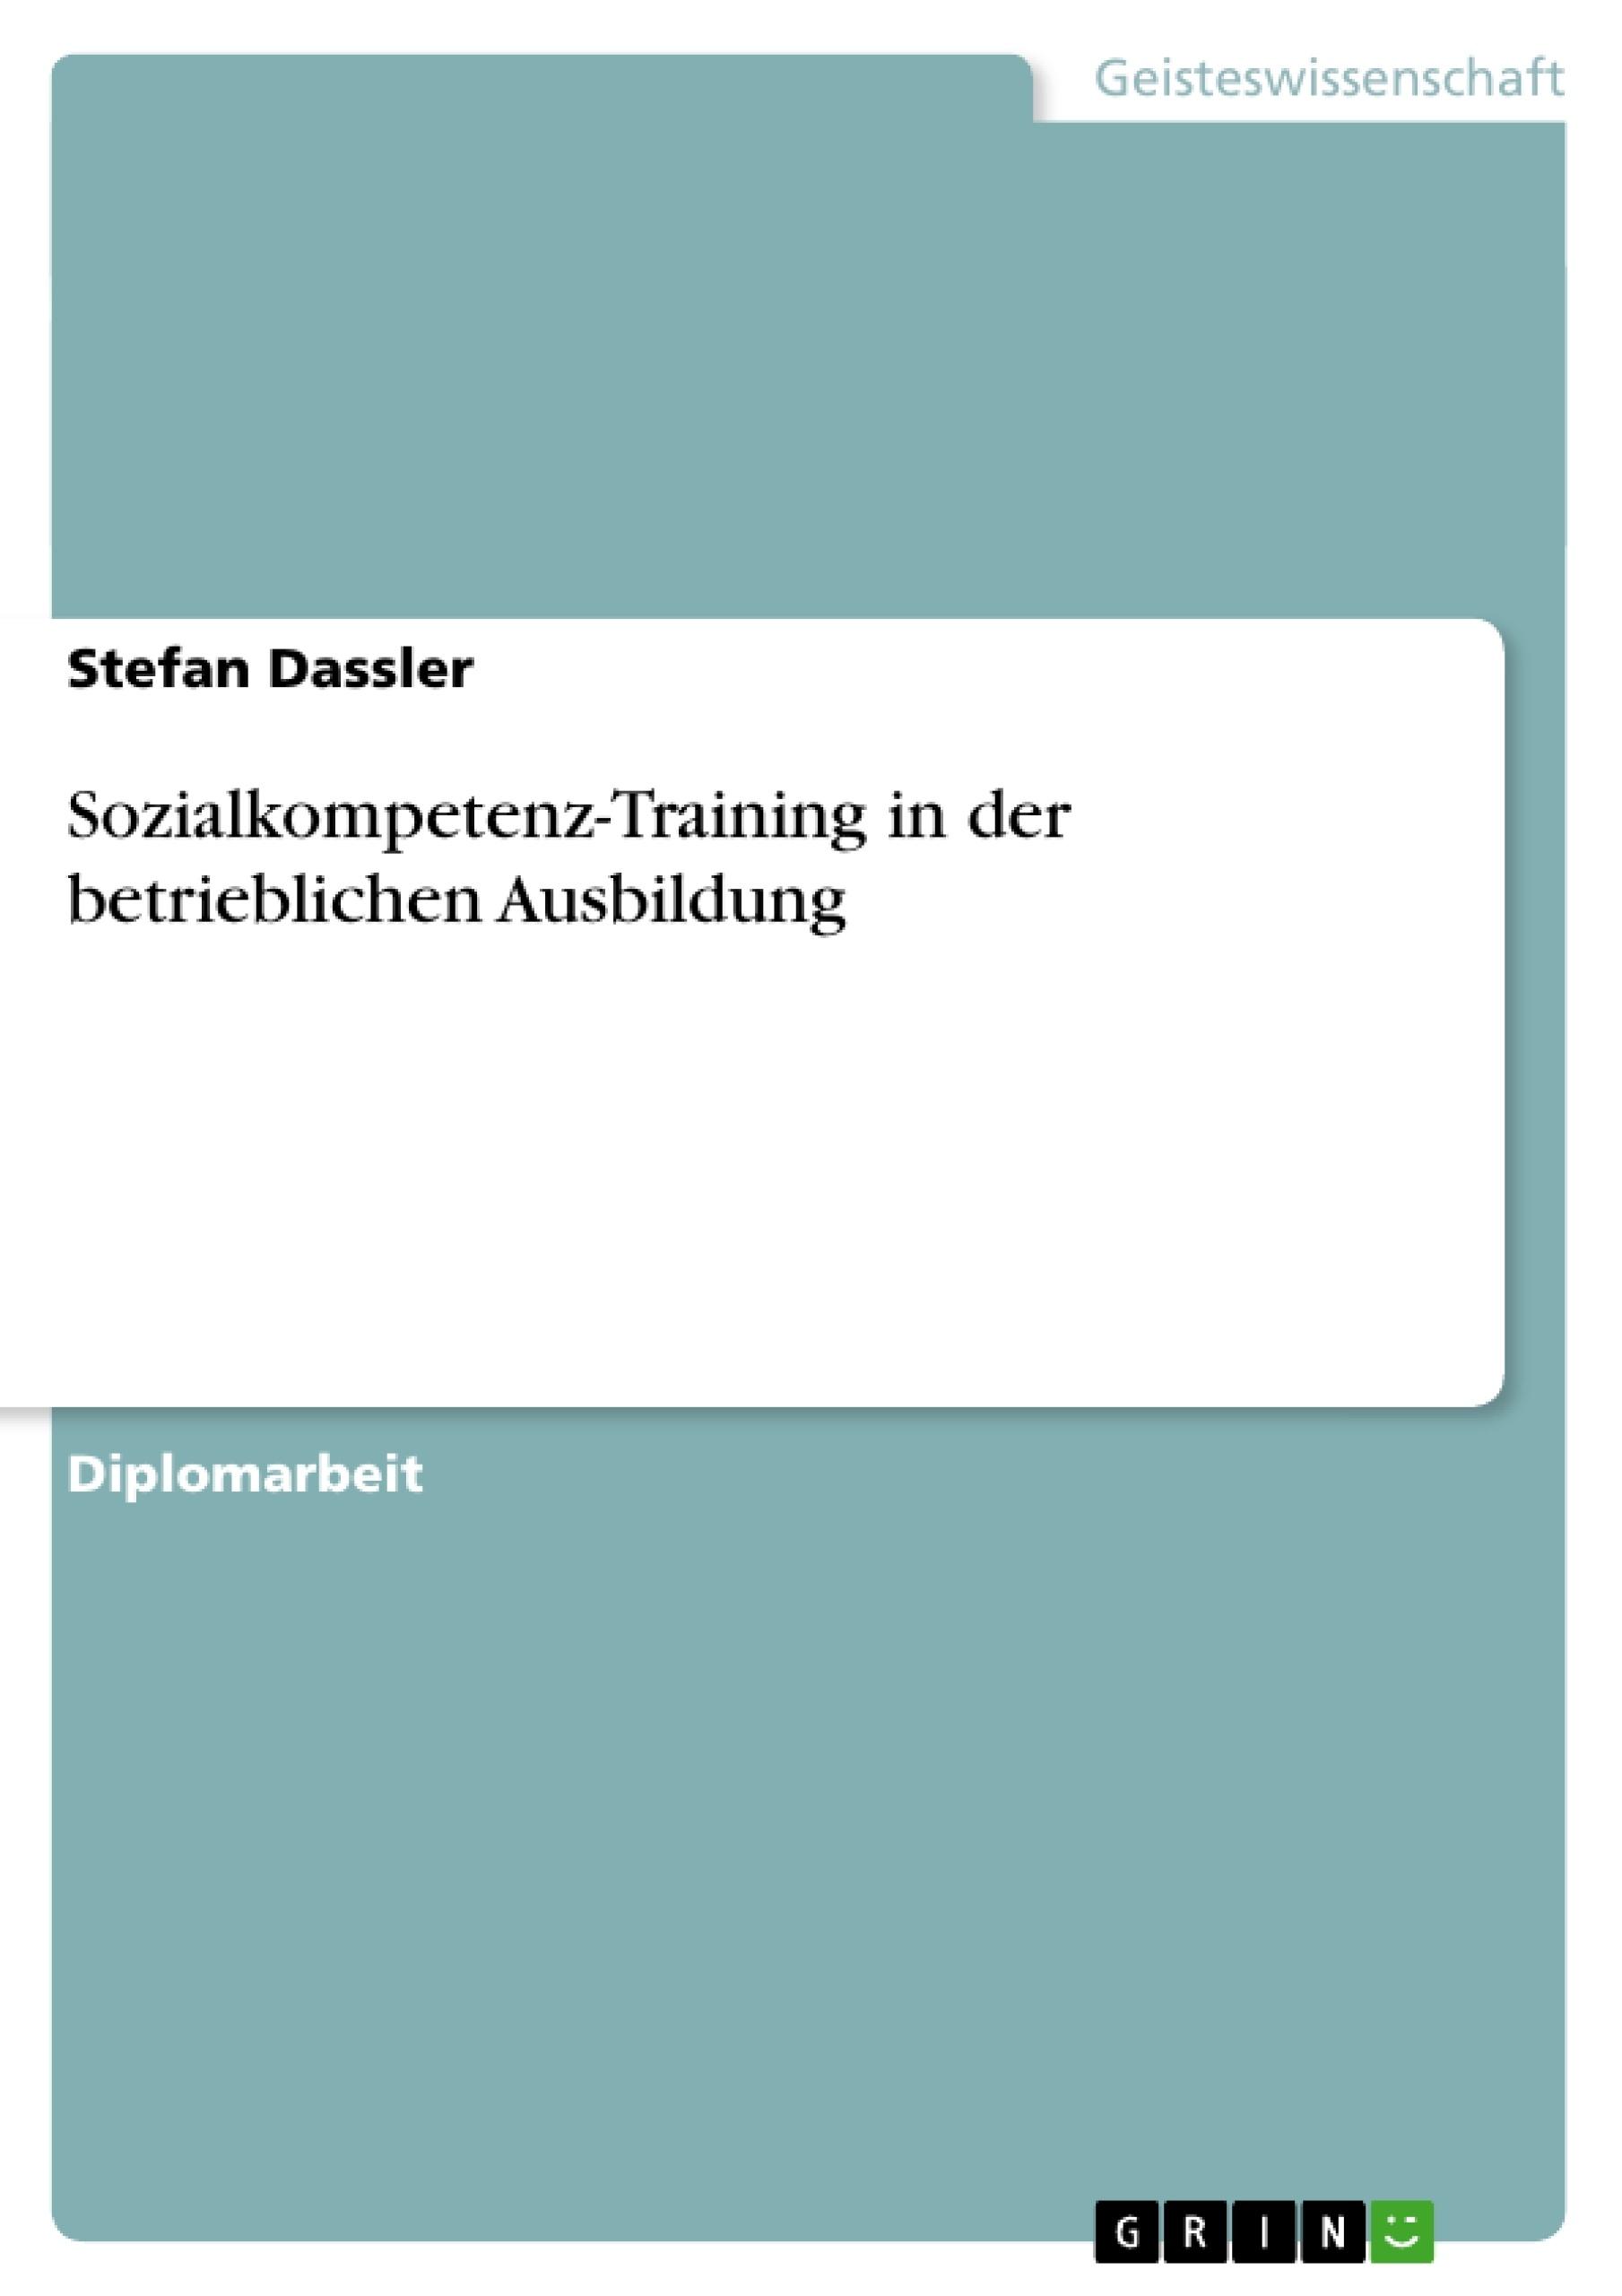 Titel: Sozialkompetenz-Training in der betrieblichen Ausbildung